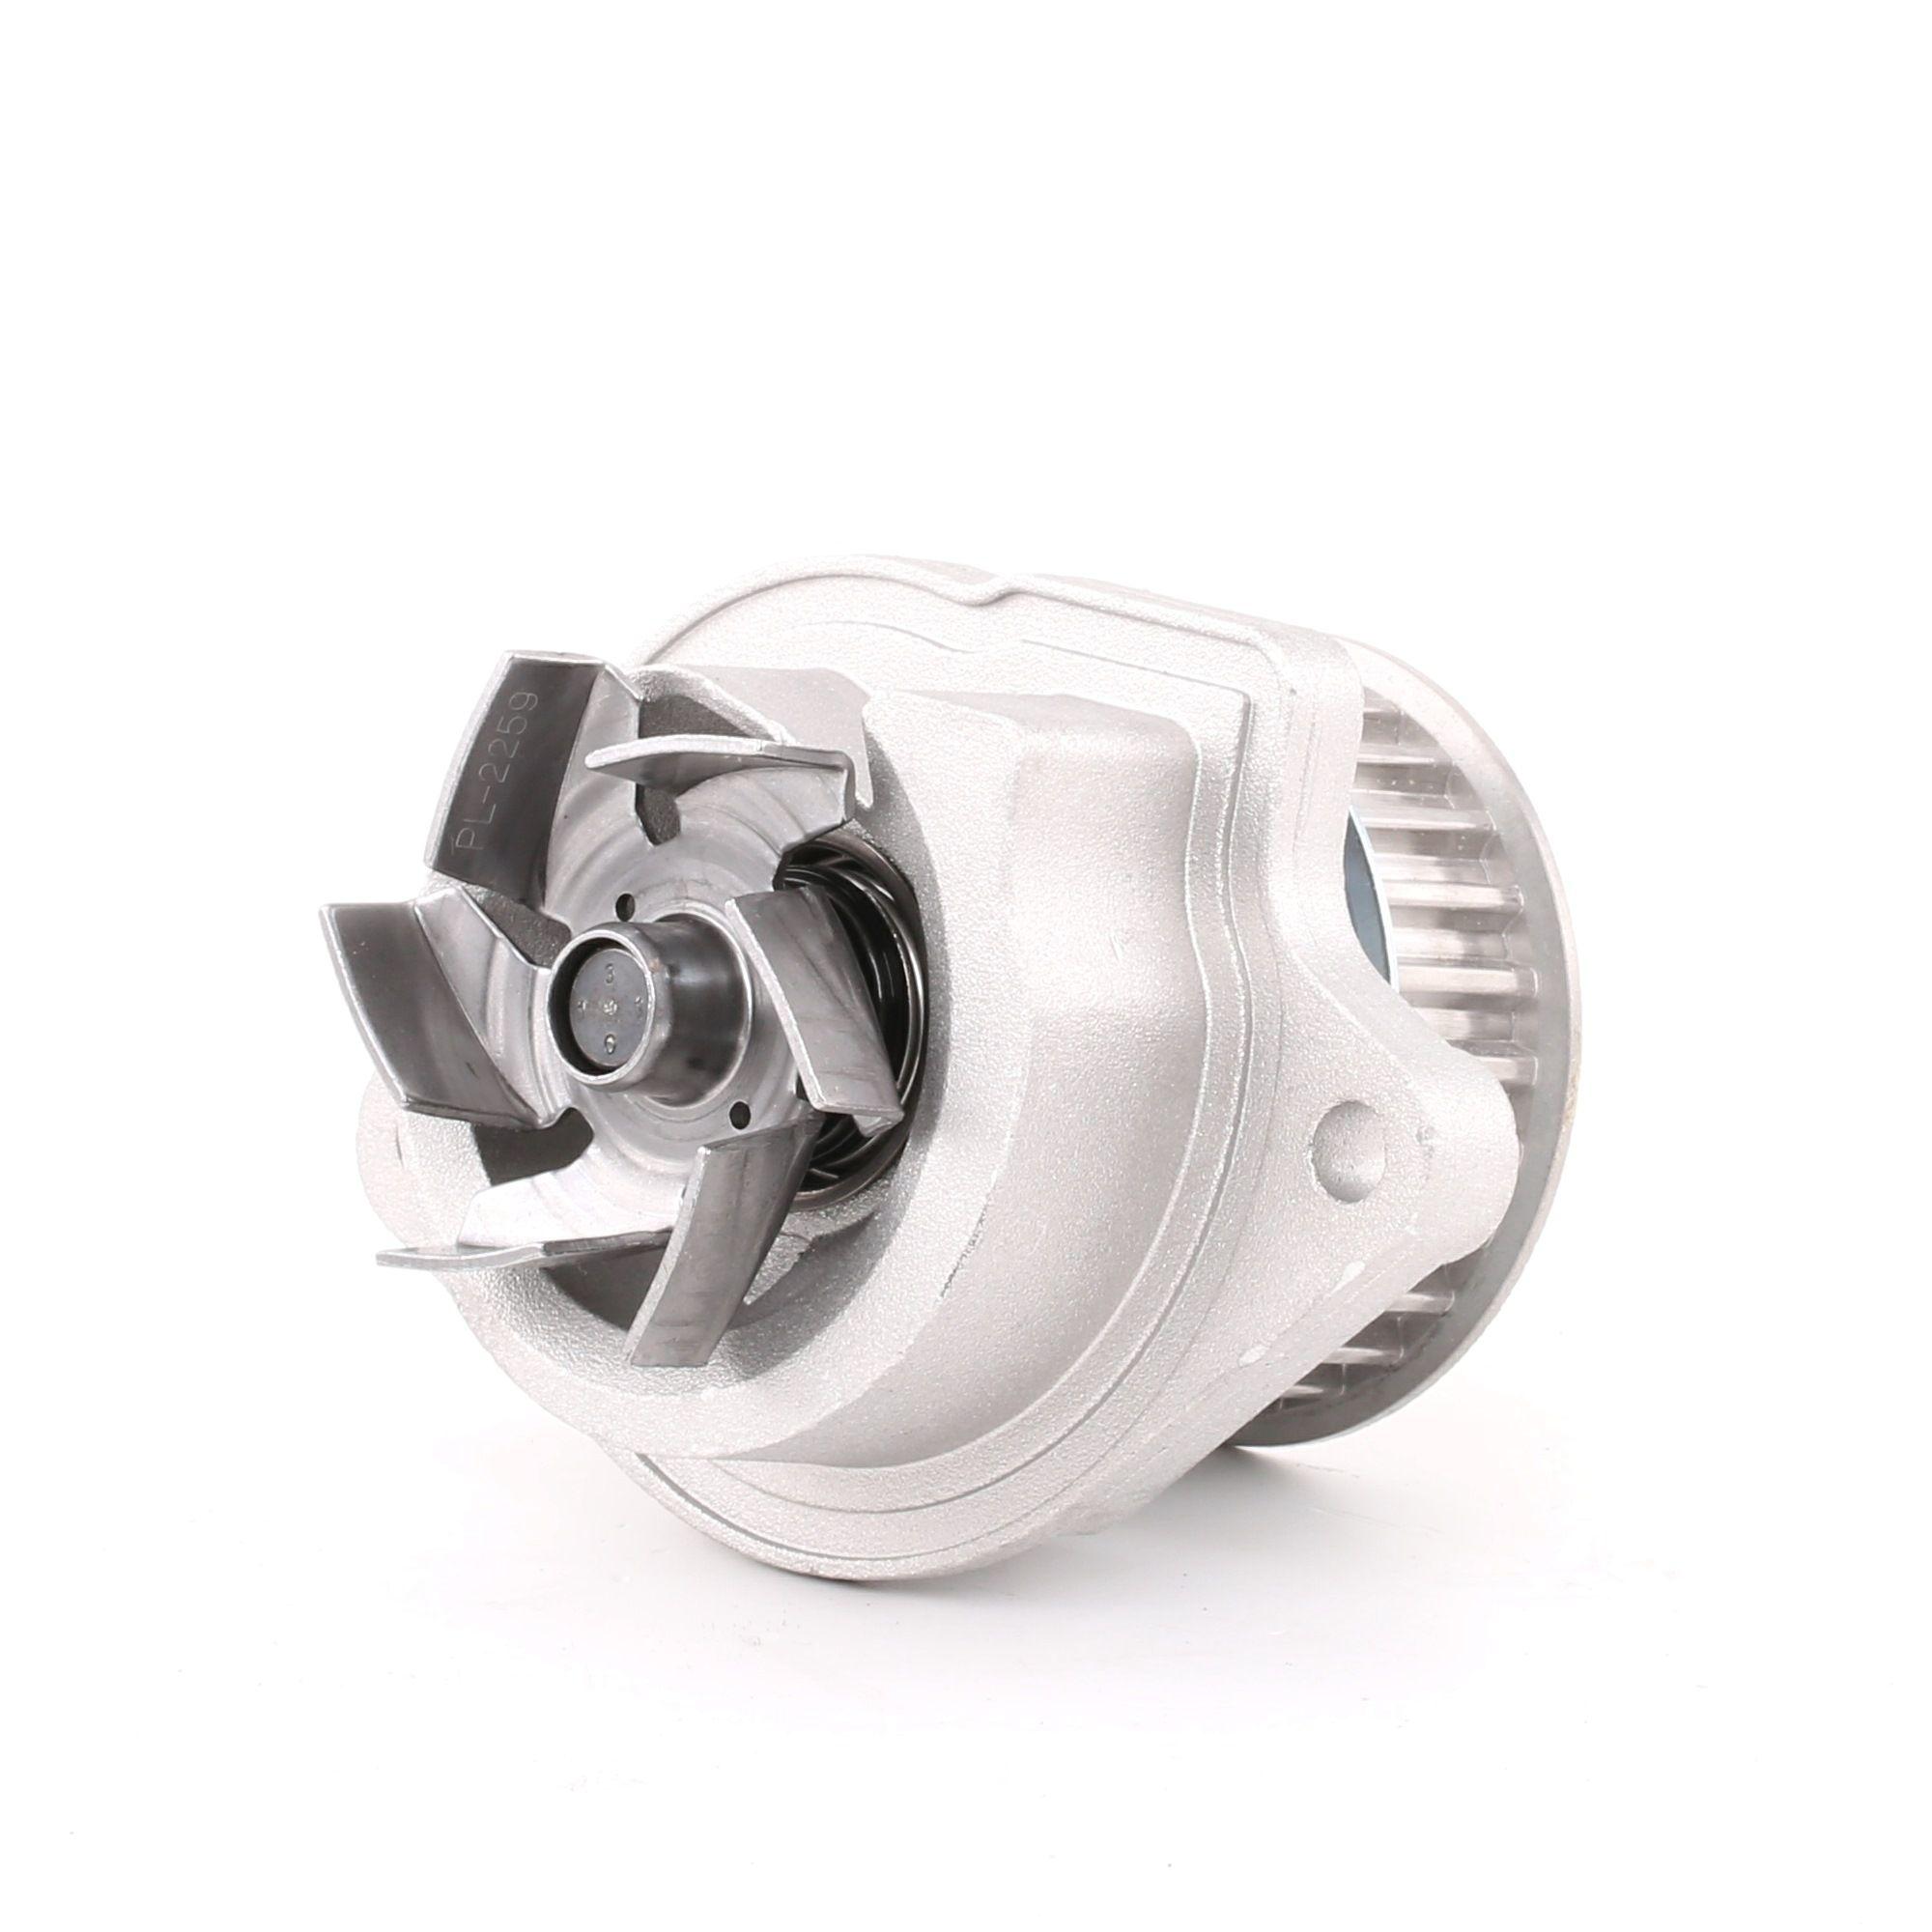 1 Wasserpumpe SKF VKPC 81407 passend für AUDI SEAT SKODA VW